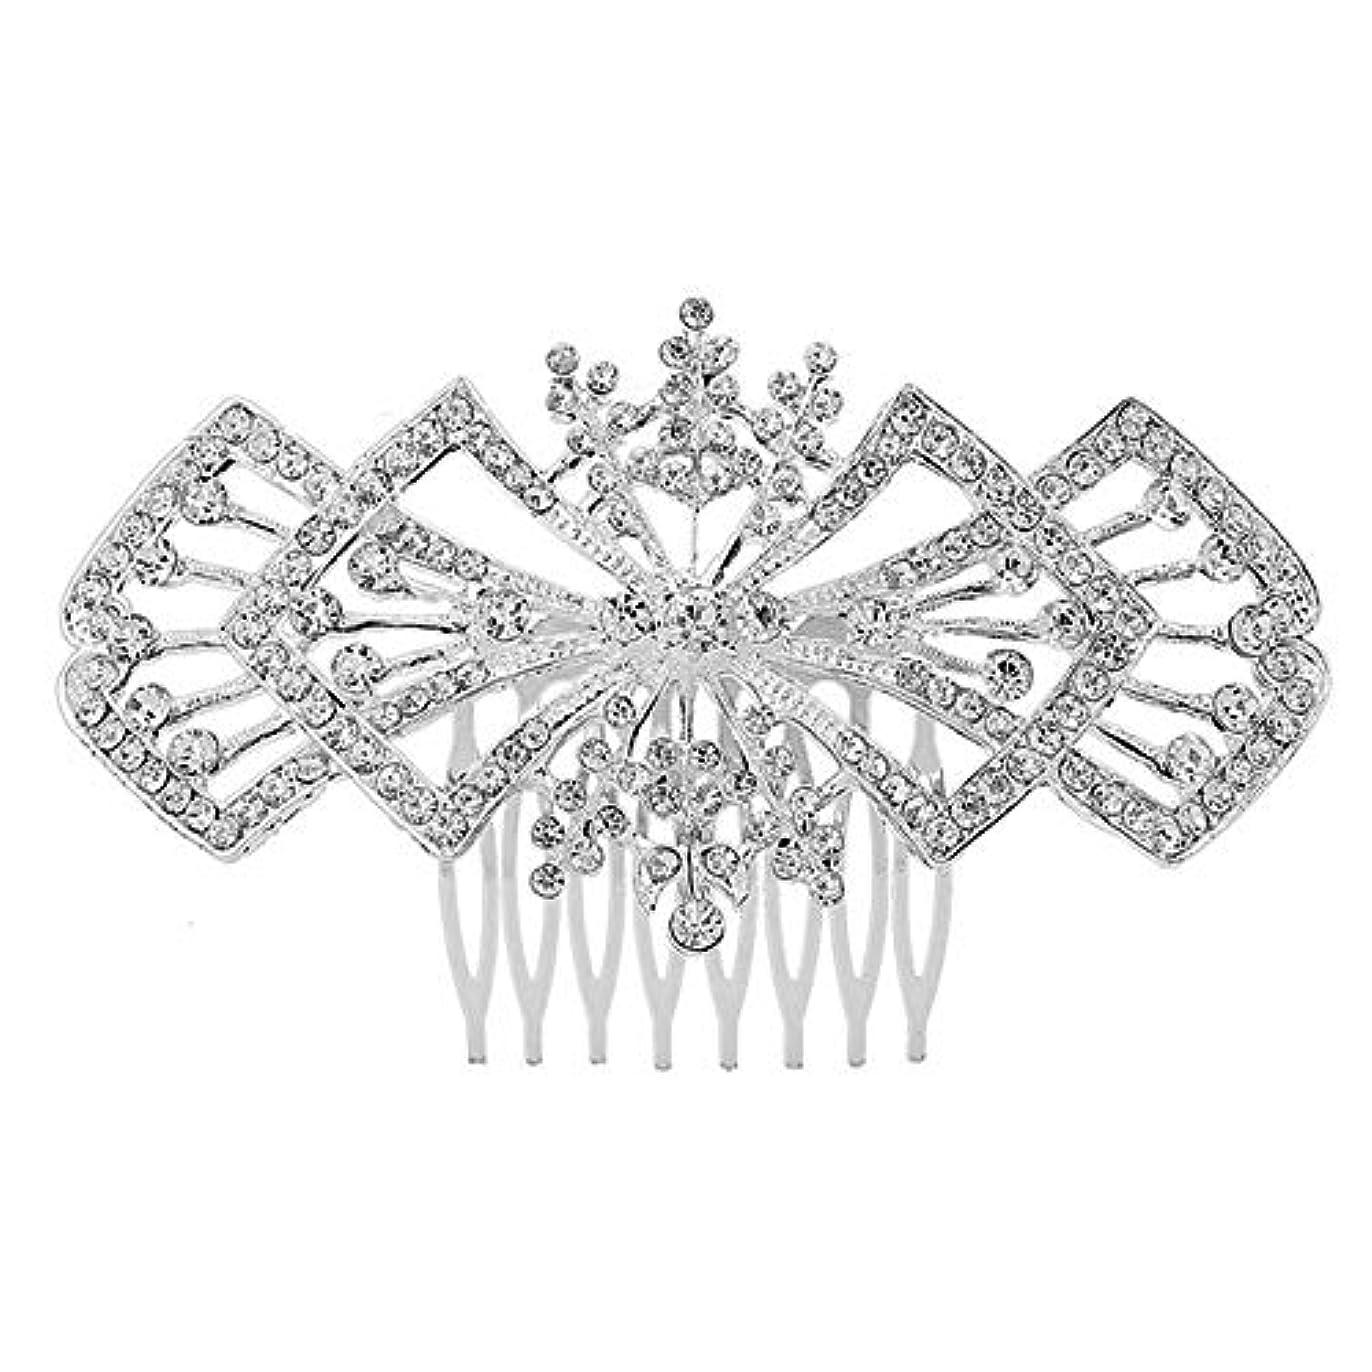 編集者十分マウント髪の櫛の櫛の櫛の花嫁の髪の櫛の花の髪の櫛のラインストーンの挿入物の櫛の合金の帽子の結婚式の宝石類